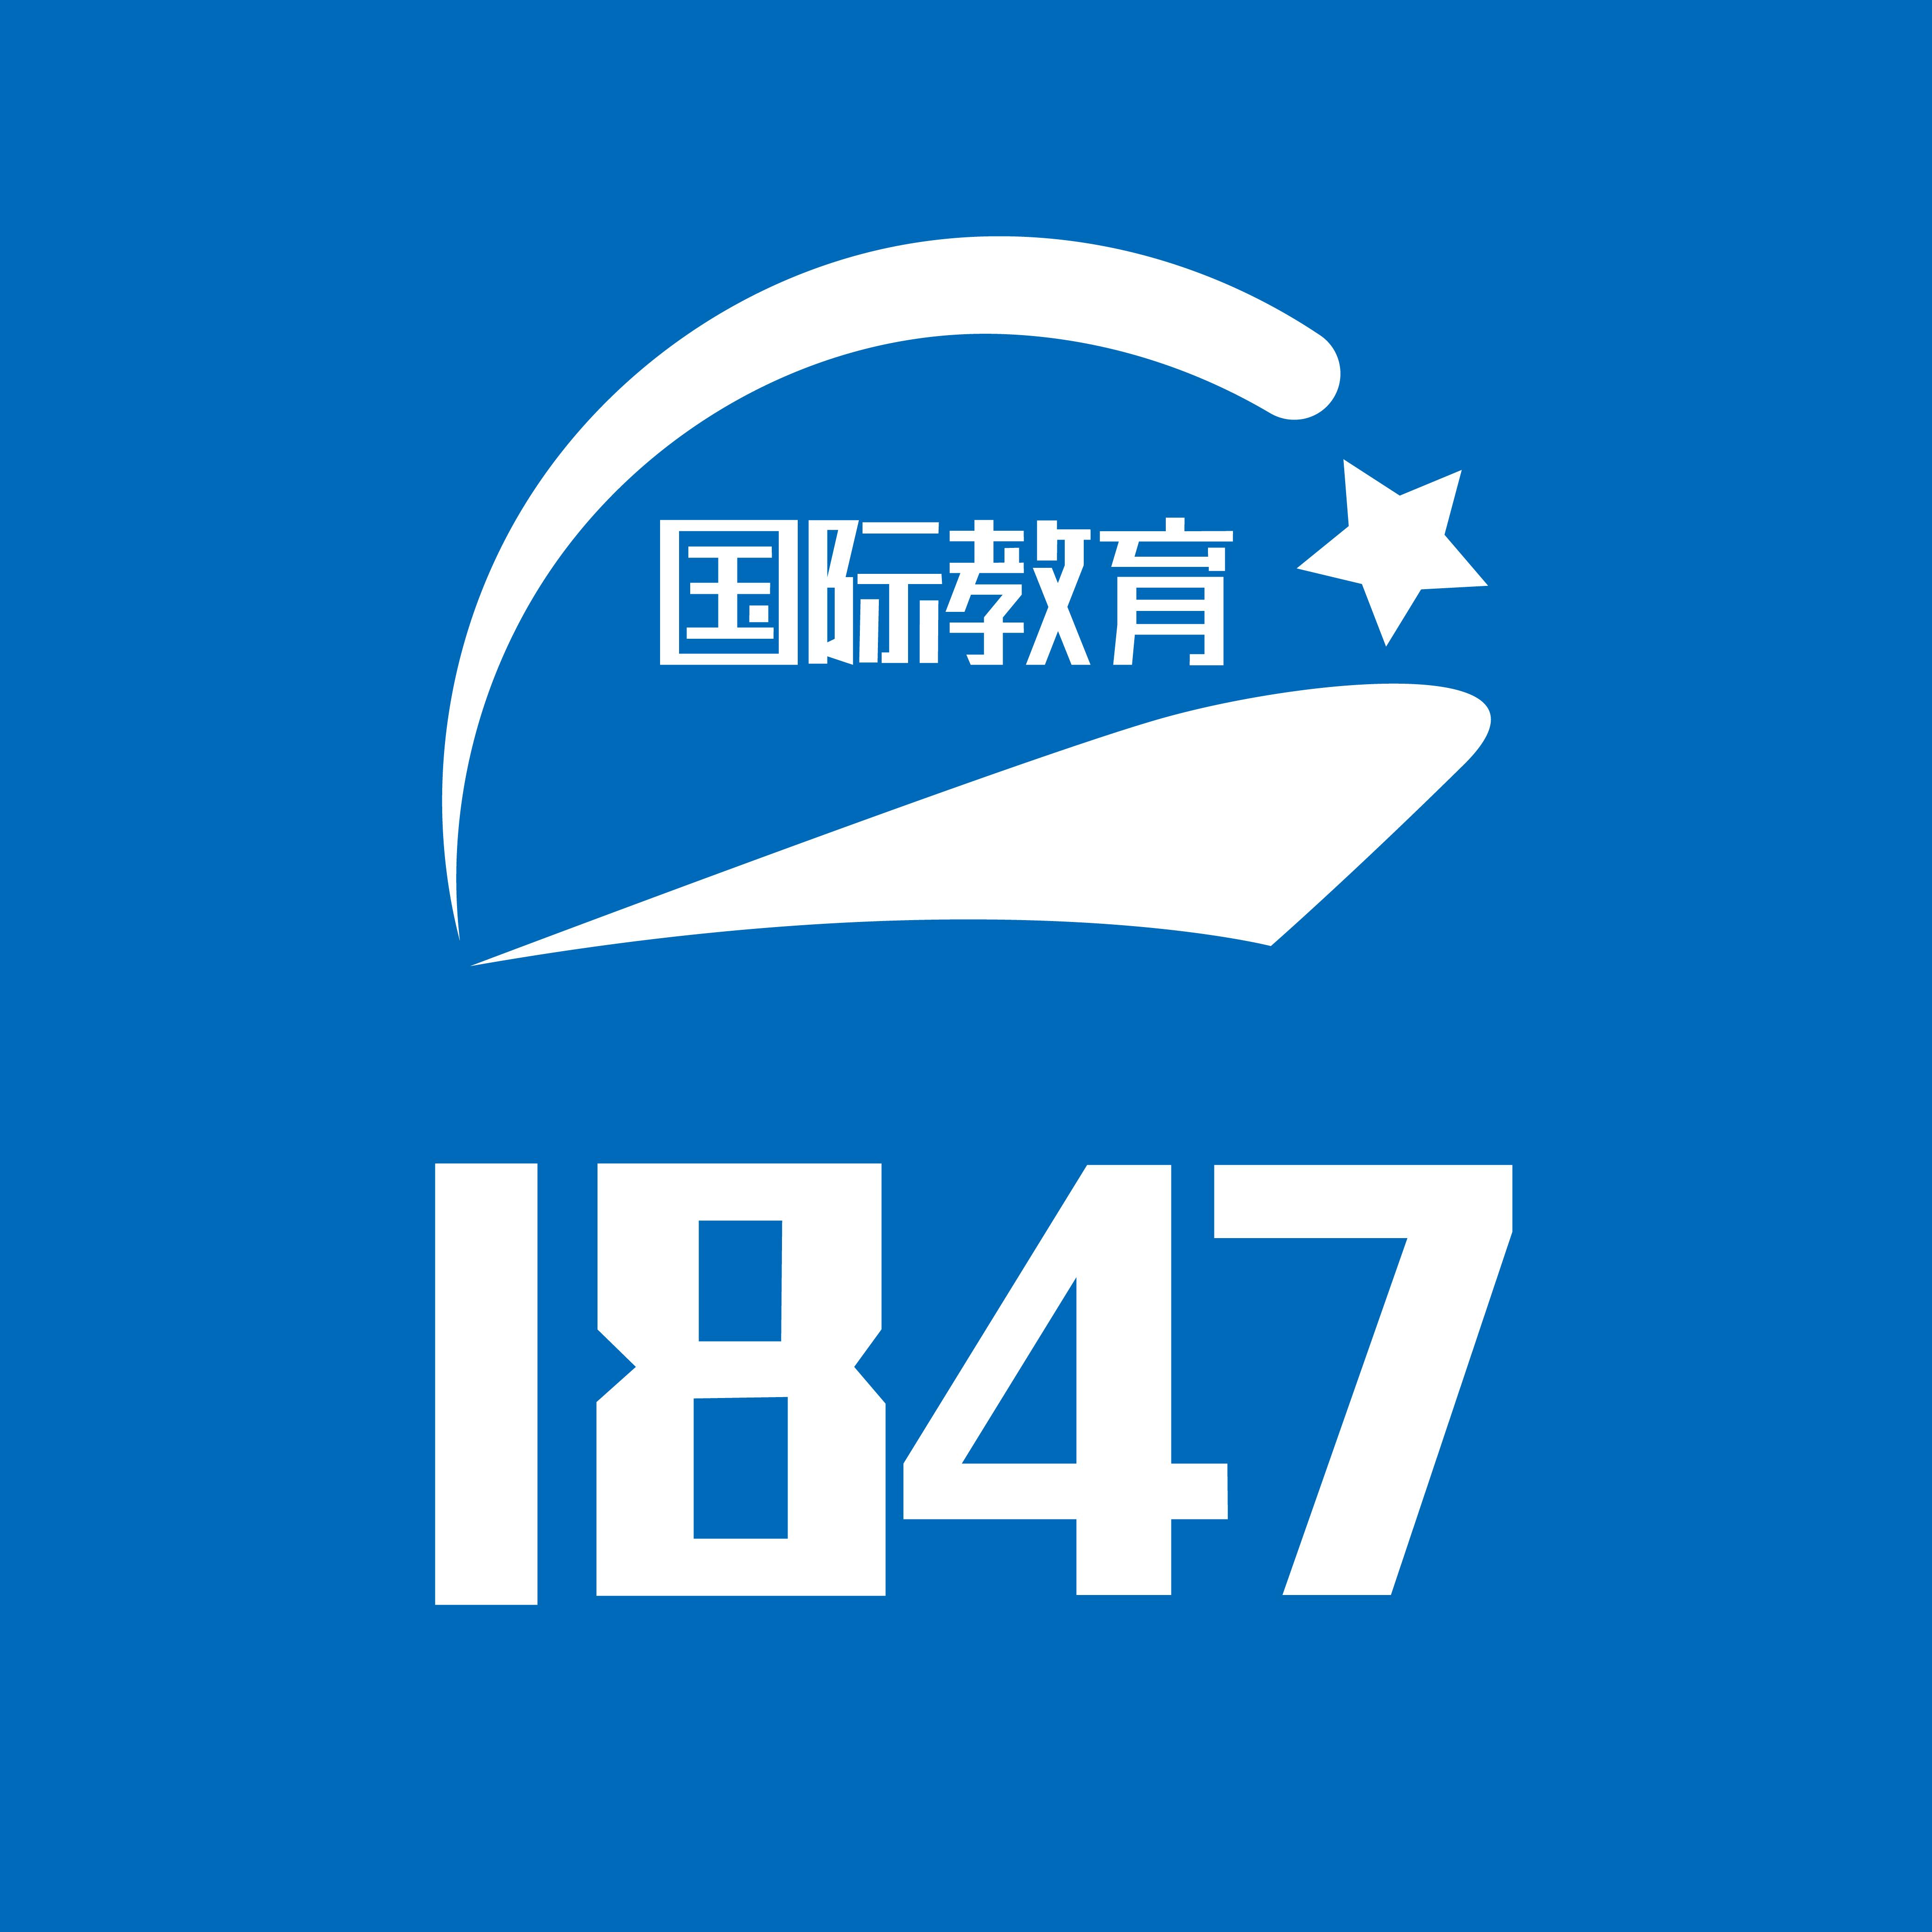 【1847国际教育】一站式服务平台